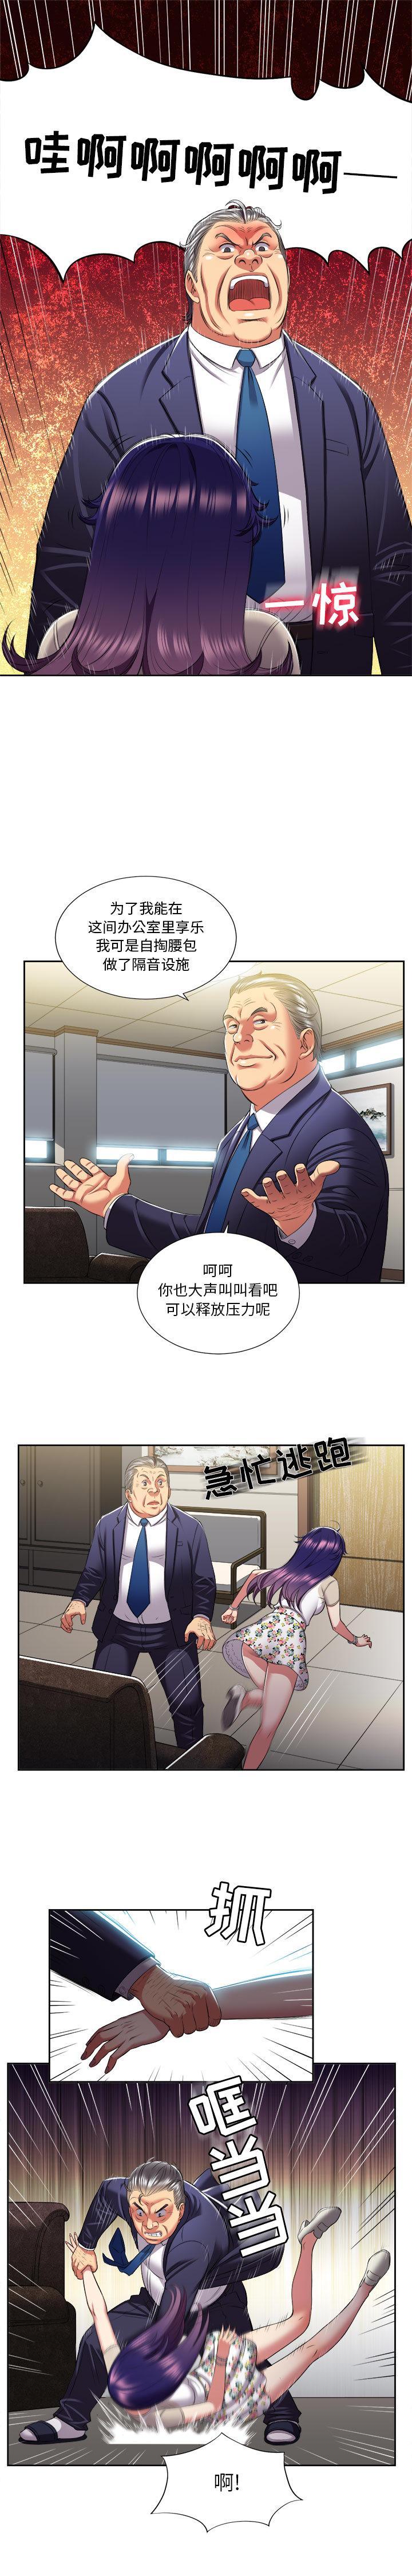 由莉的秘密1-60 中文翻译 (更新中) 151